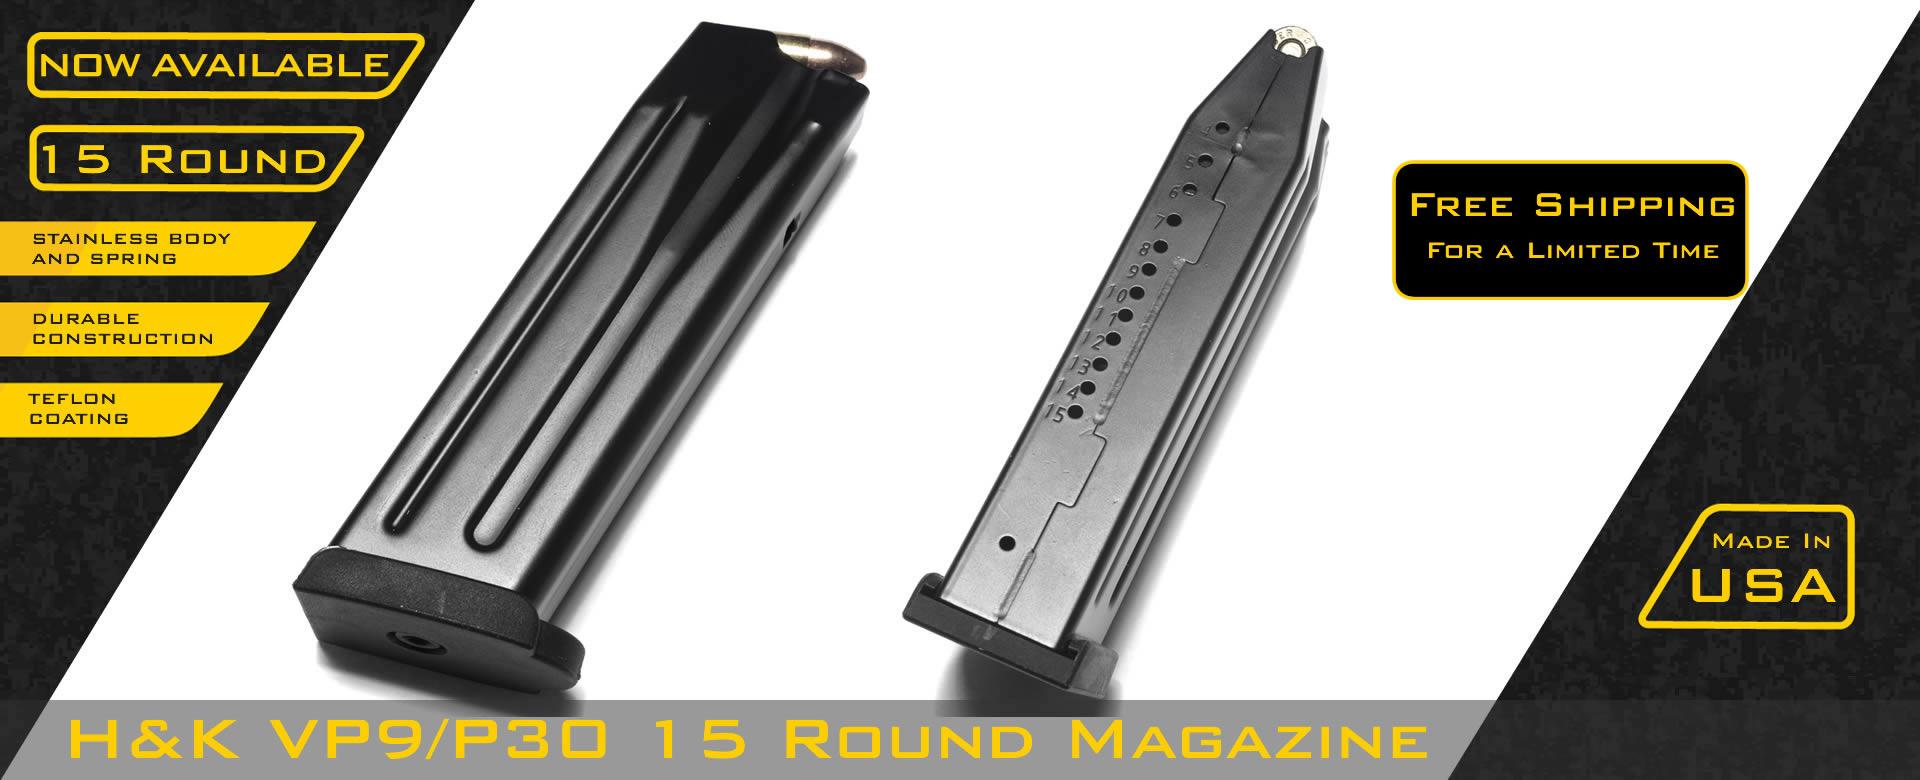 hk-vp9-vp30-15-round-magazine-2